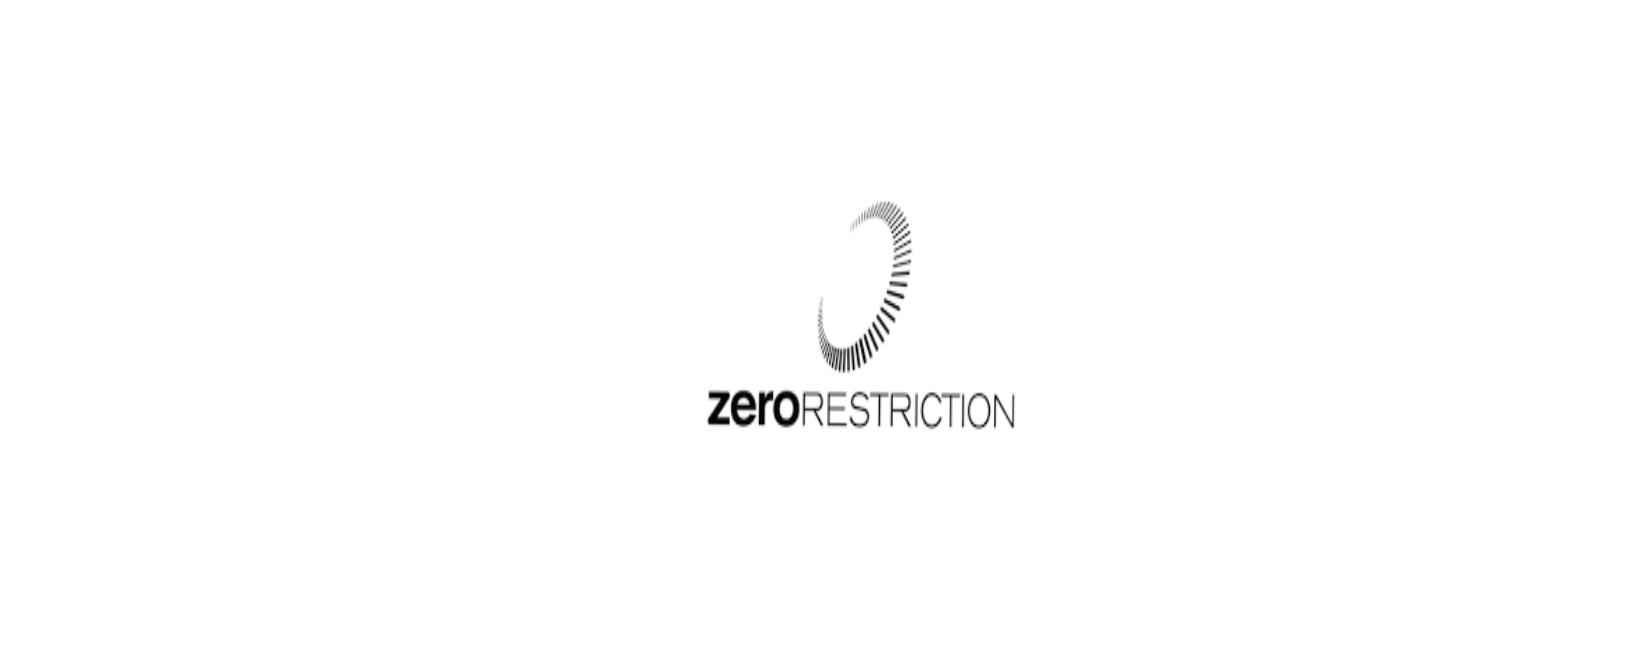 zerorestriction Discount Code 2021